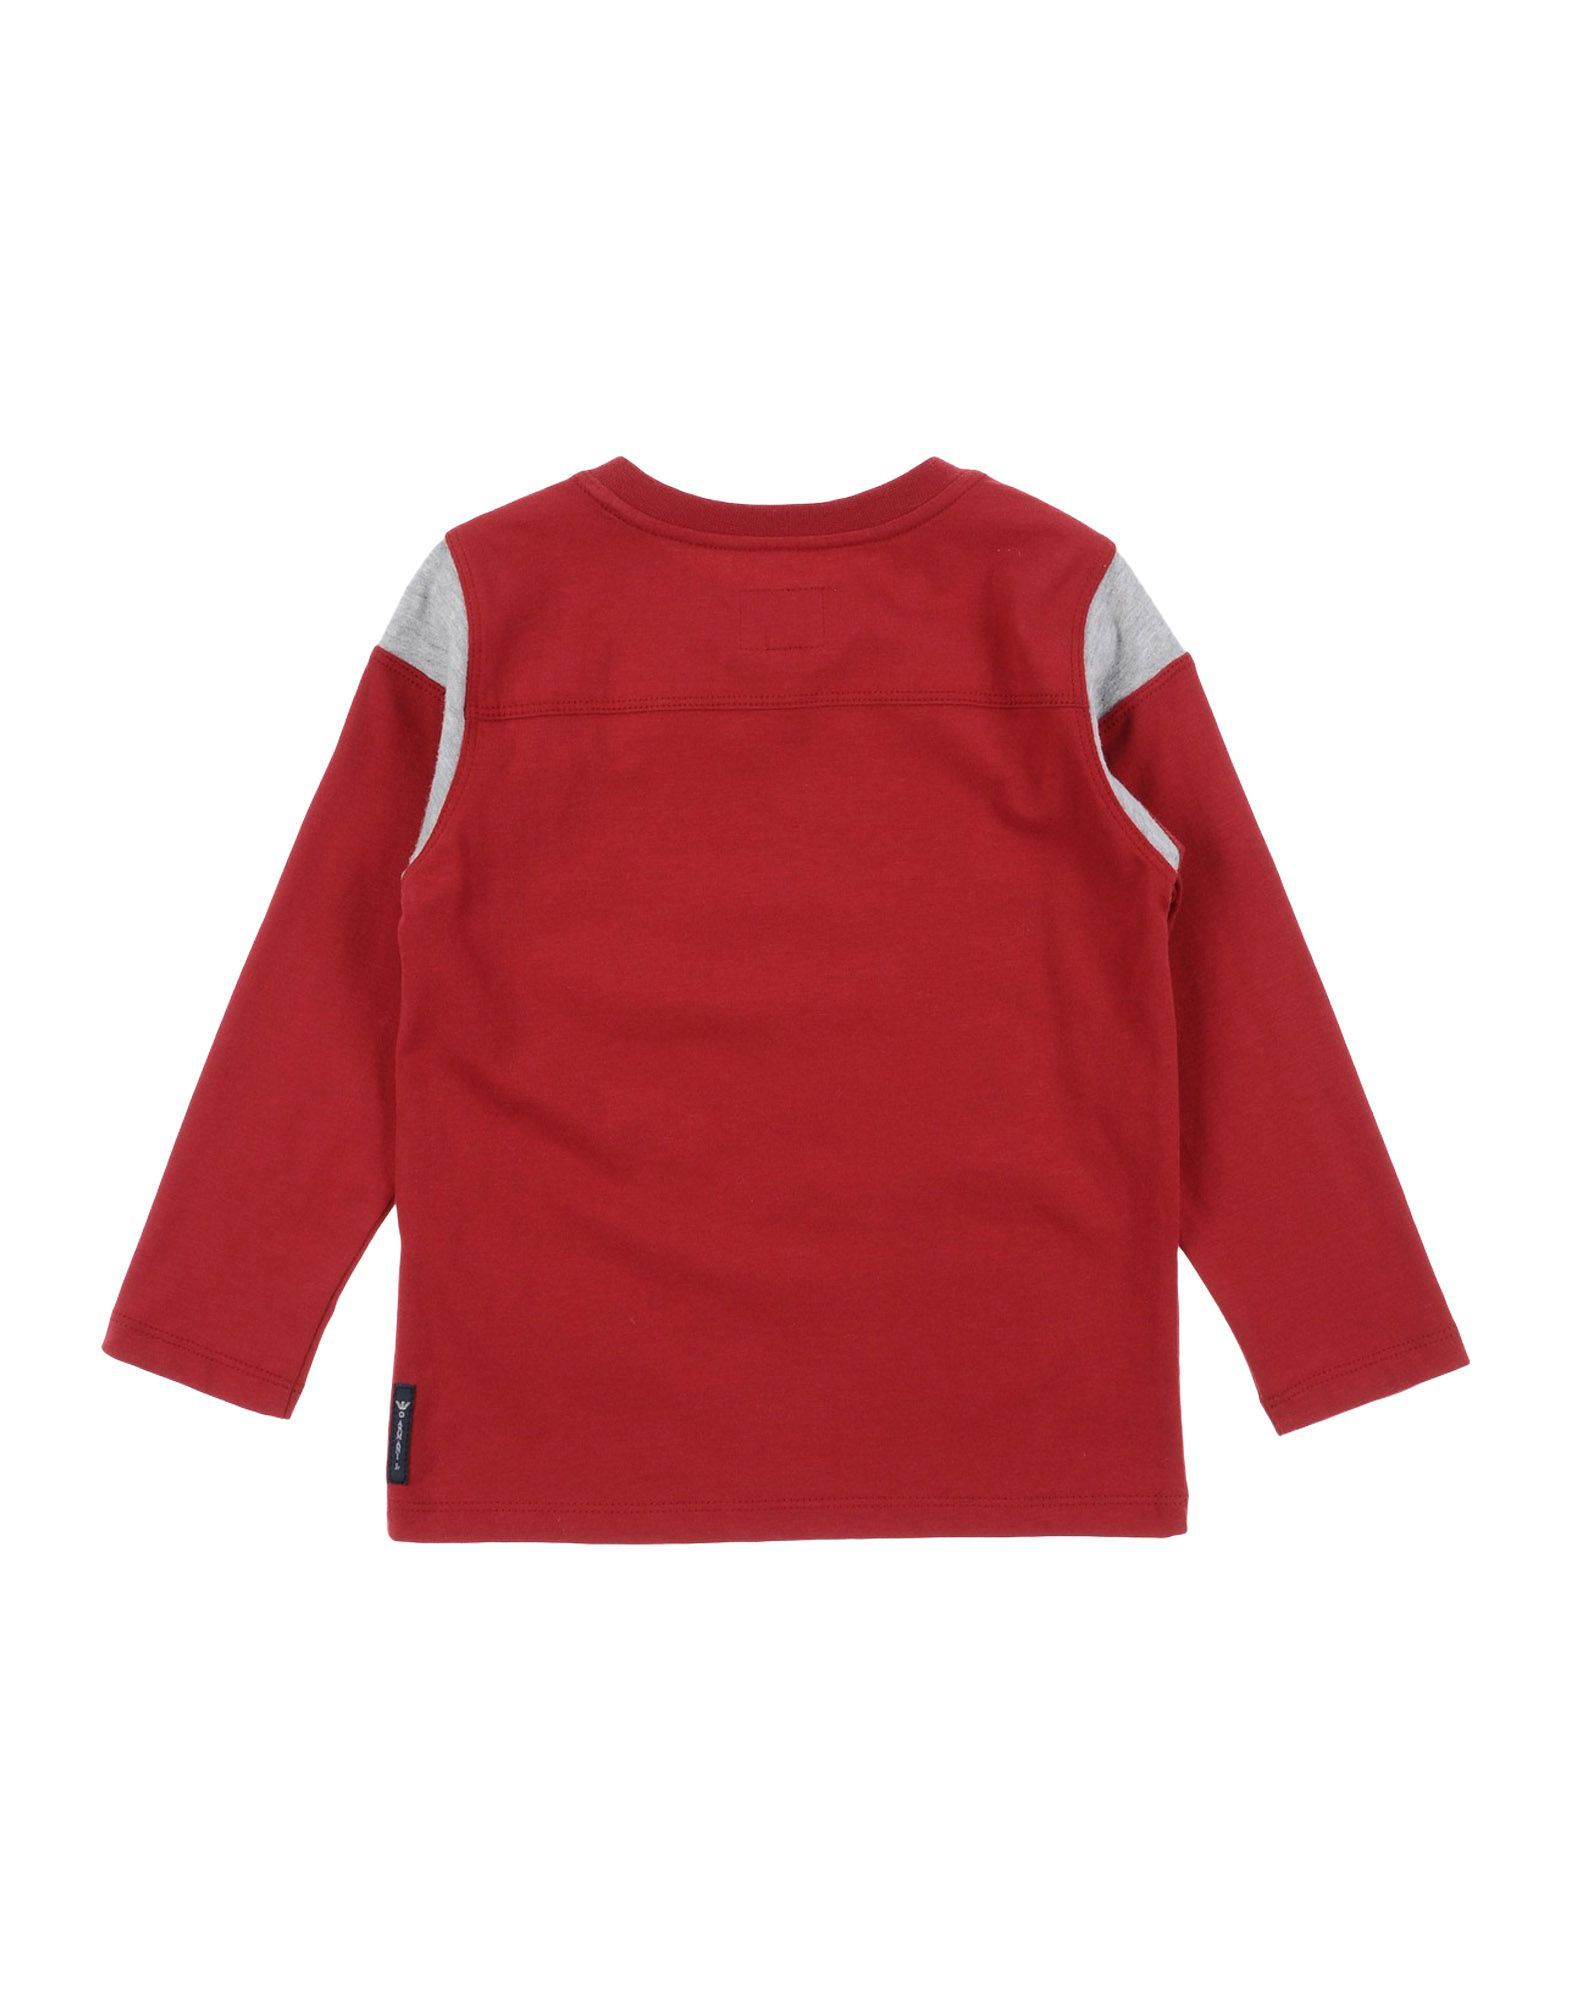 TOPWEAR Armani Junior Brick red Boy Cotton